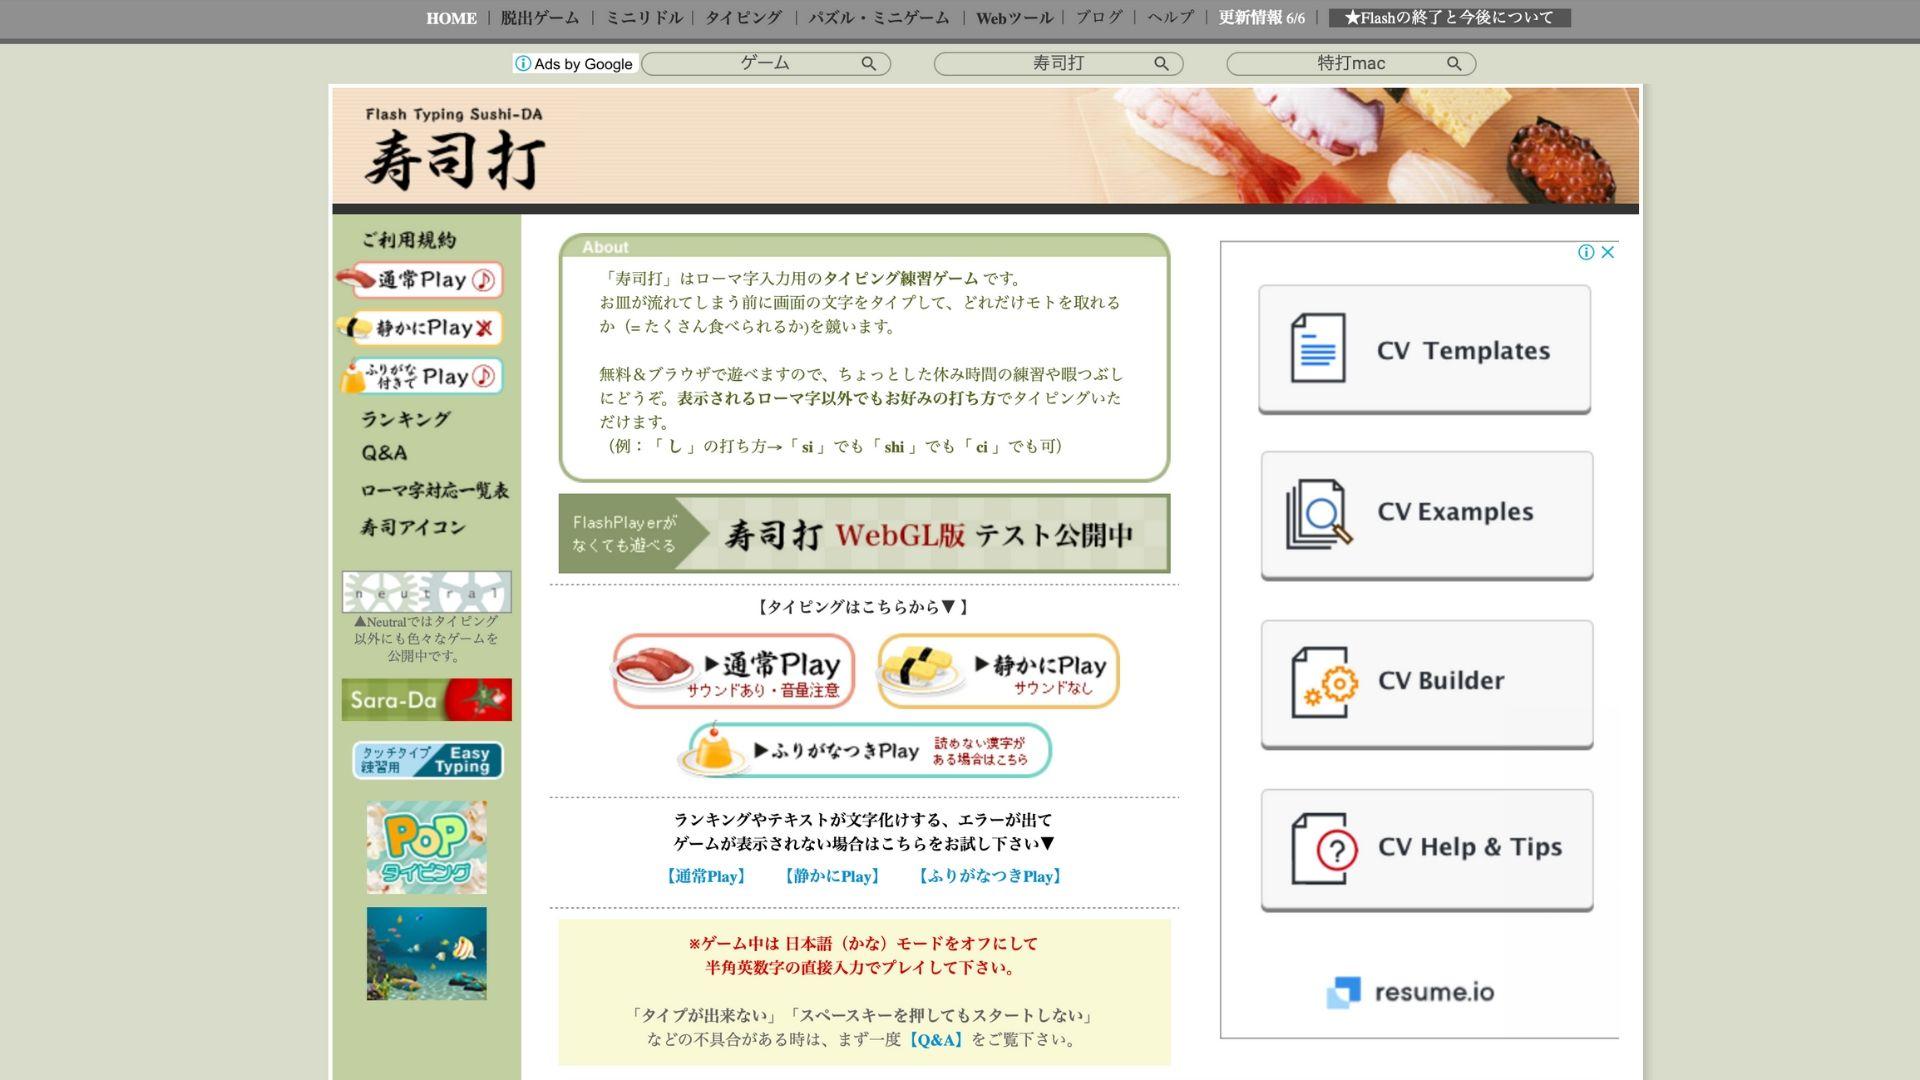 寿司打公式サイト